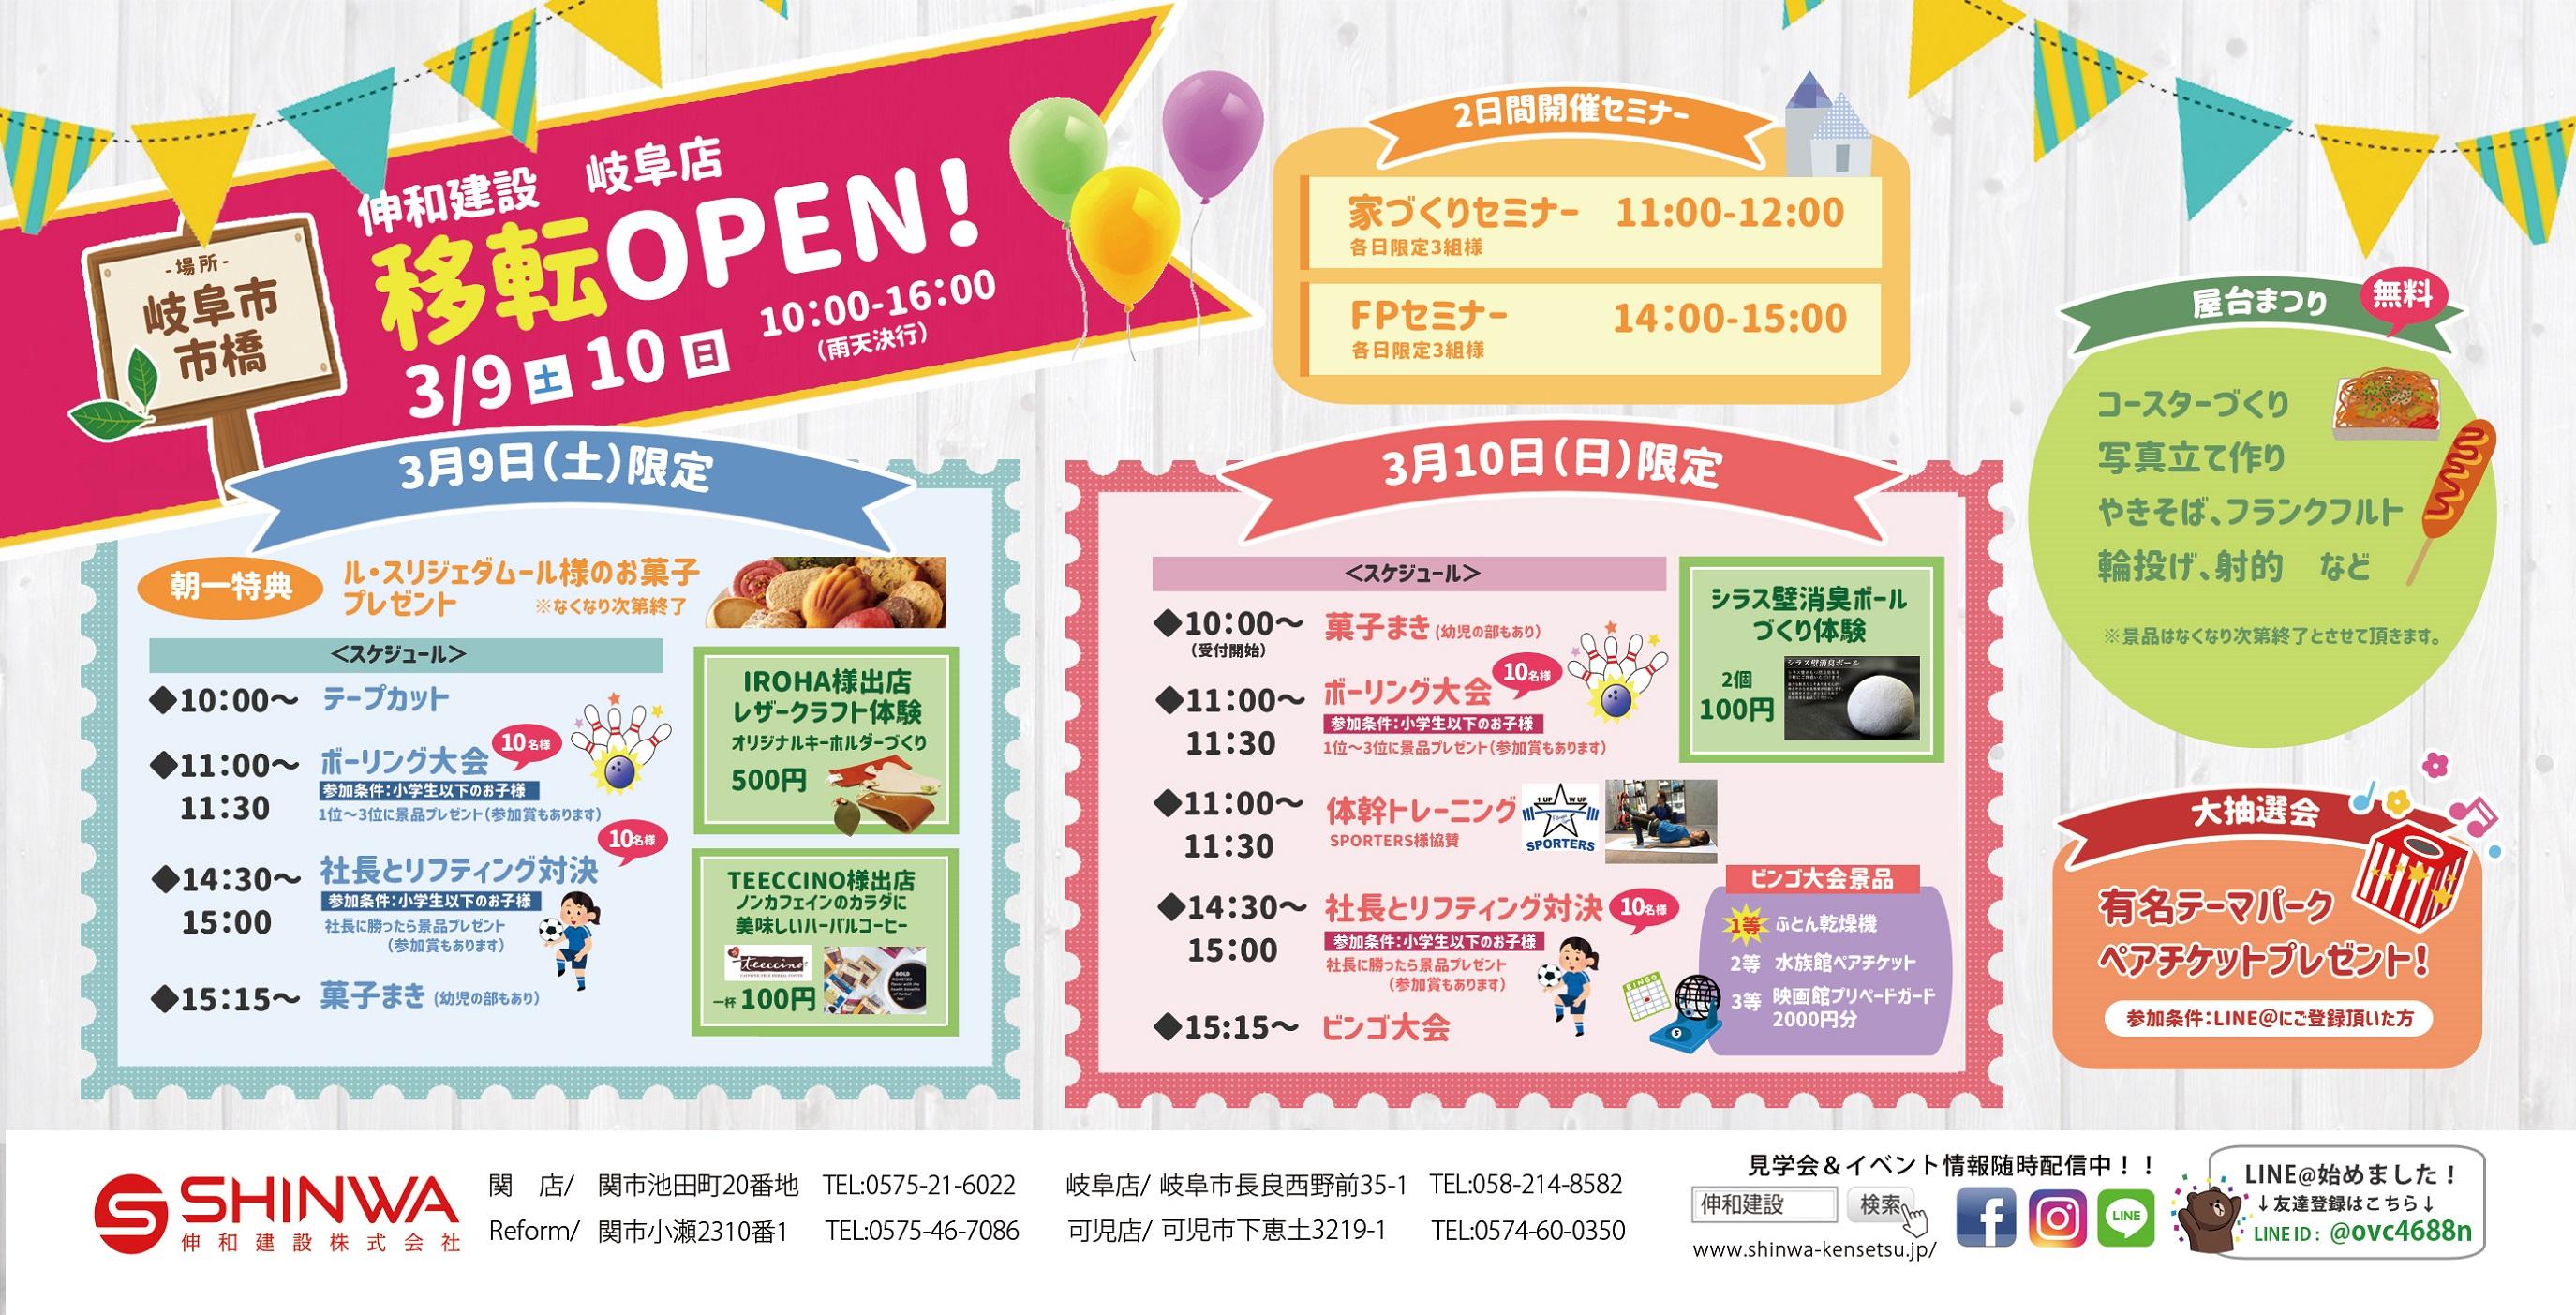 新岐阜店OPENイベント-DMデータ